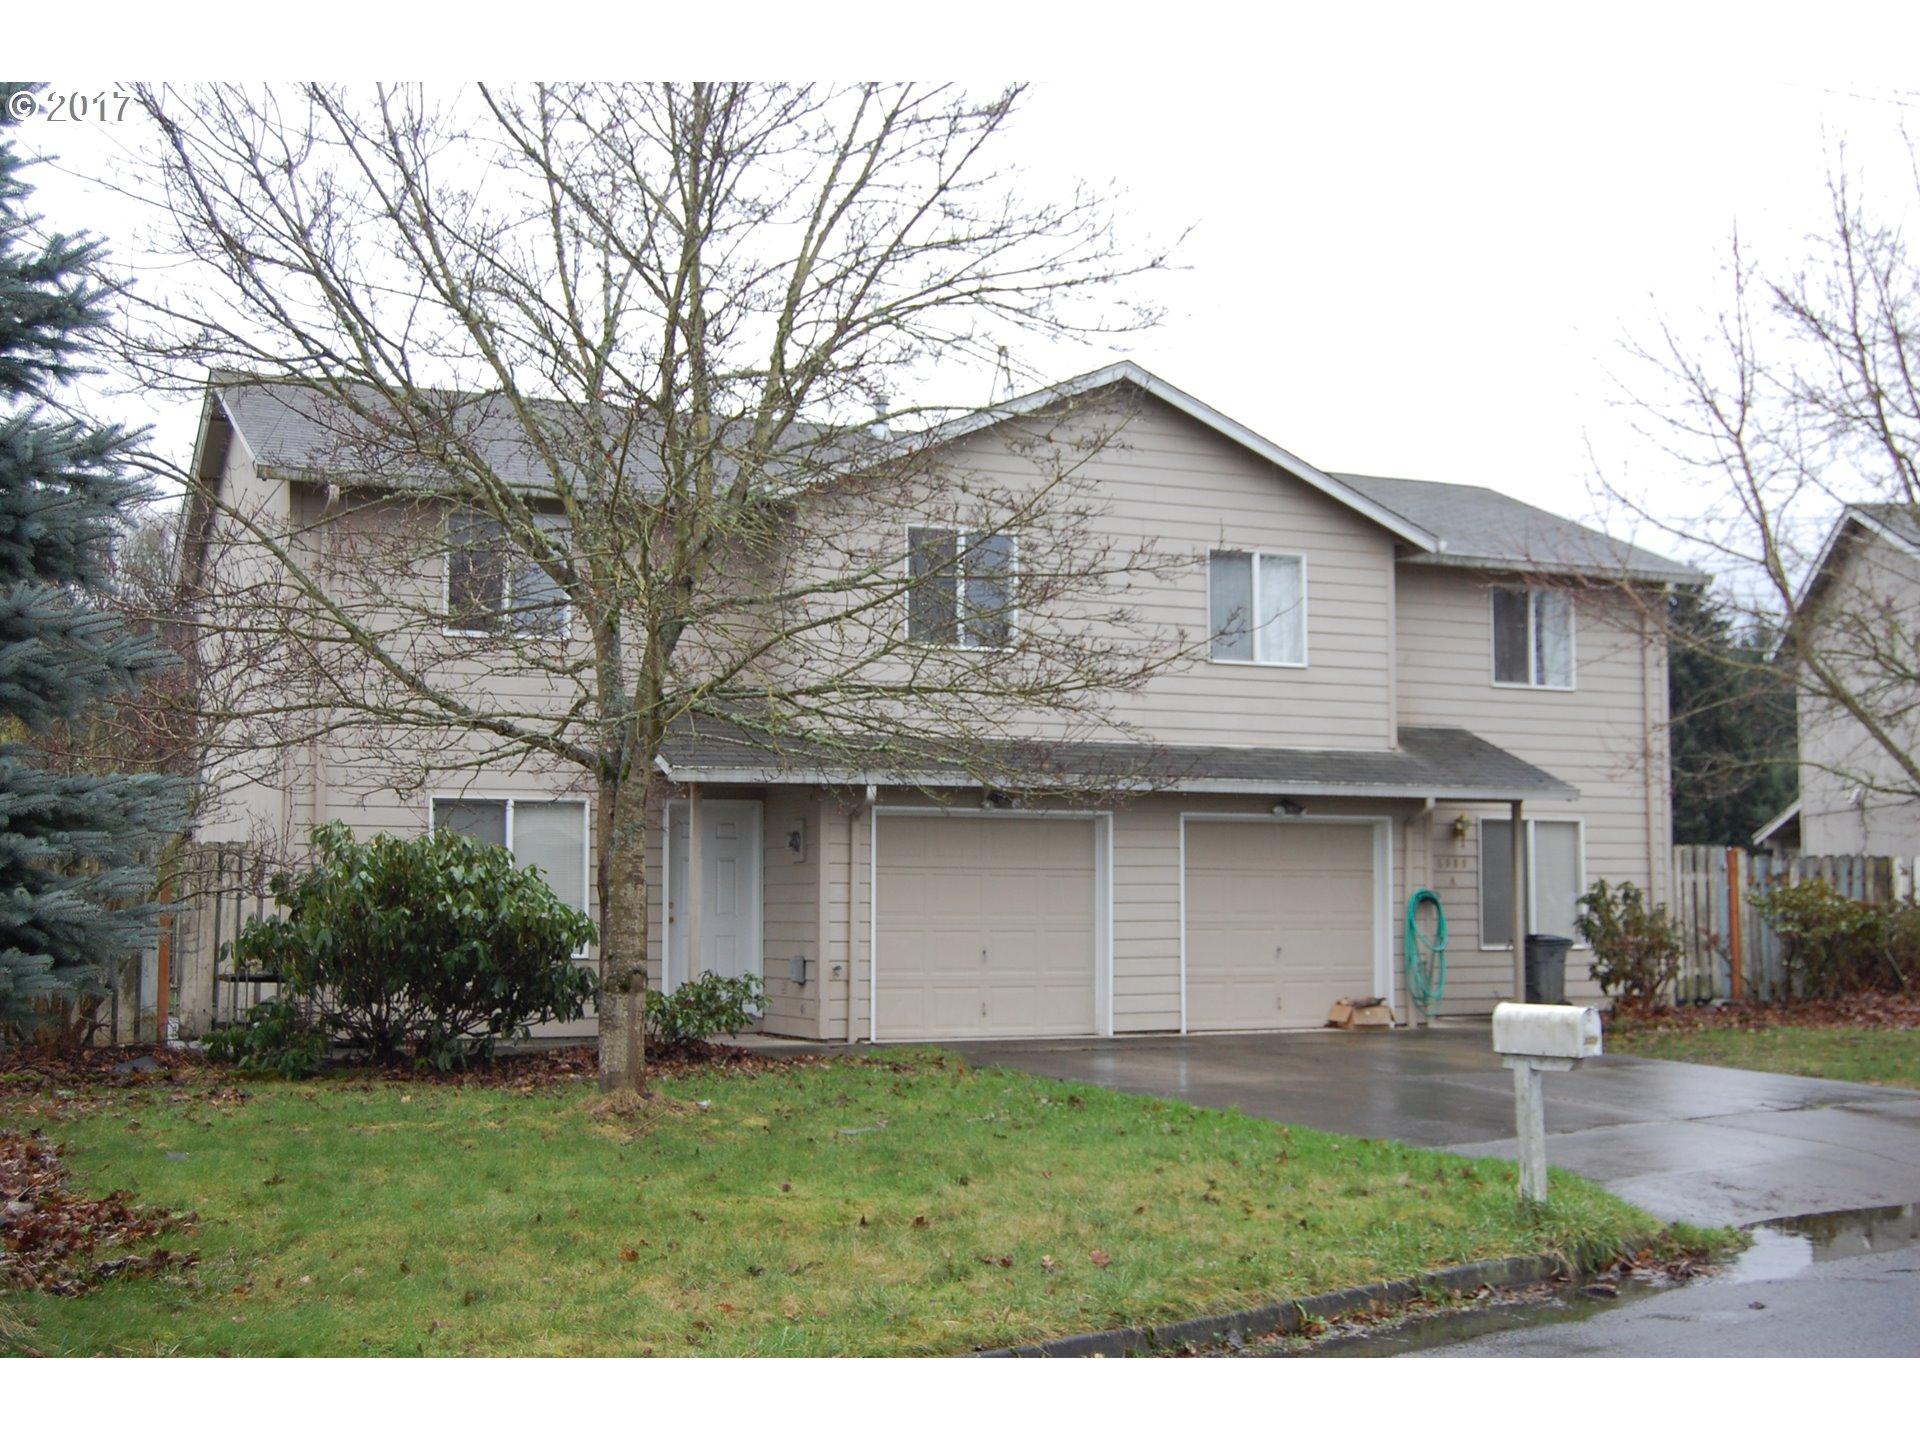 5009 MURRAY CT, Vancouver, WA 98661